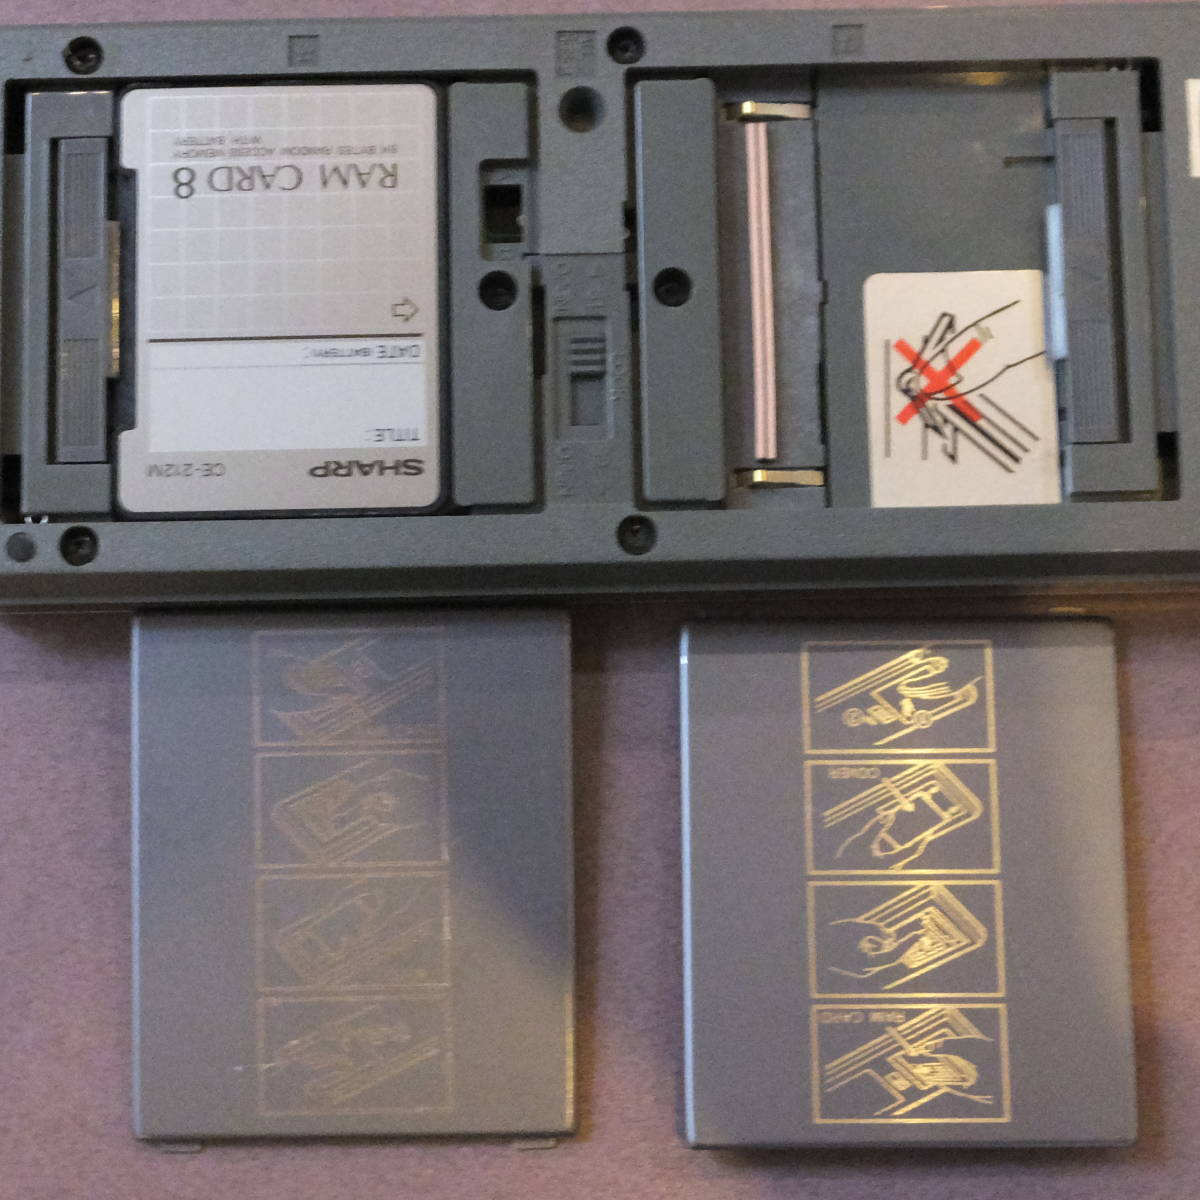 SHARP POCKET COMPUTER PC-1360 ポケットコンピュータ_画像2